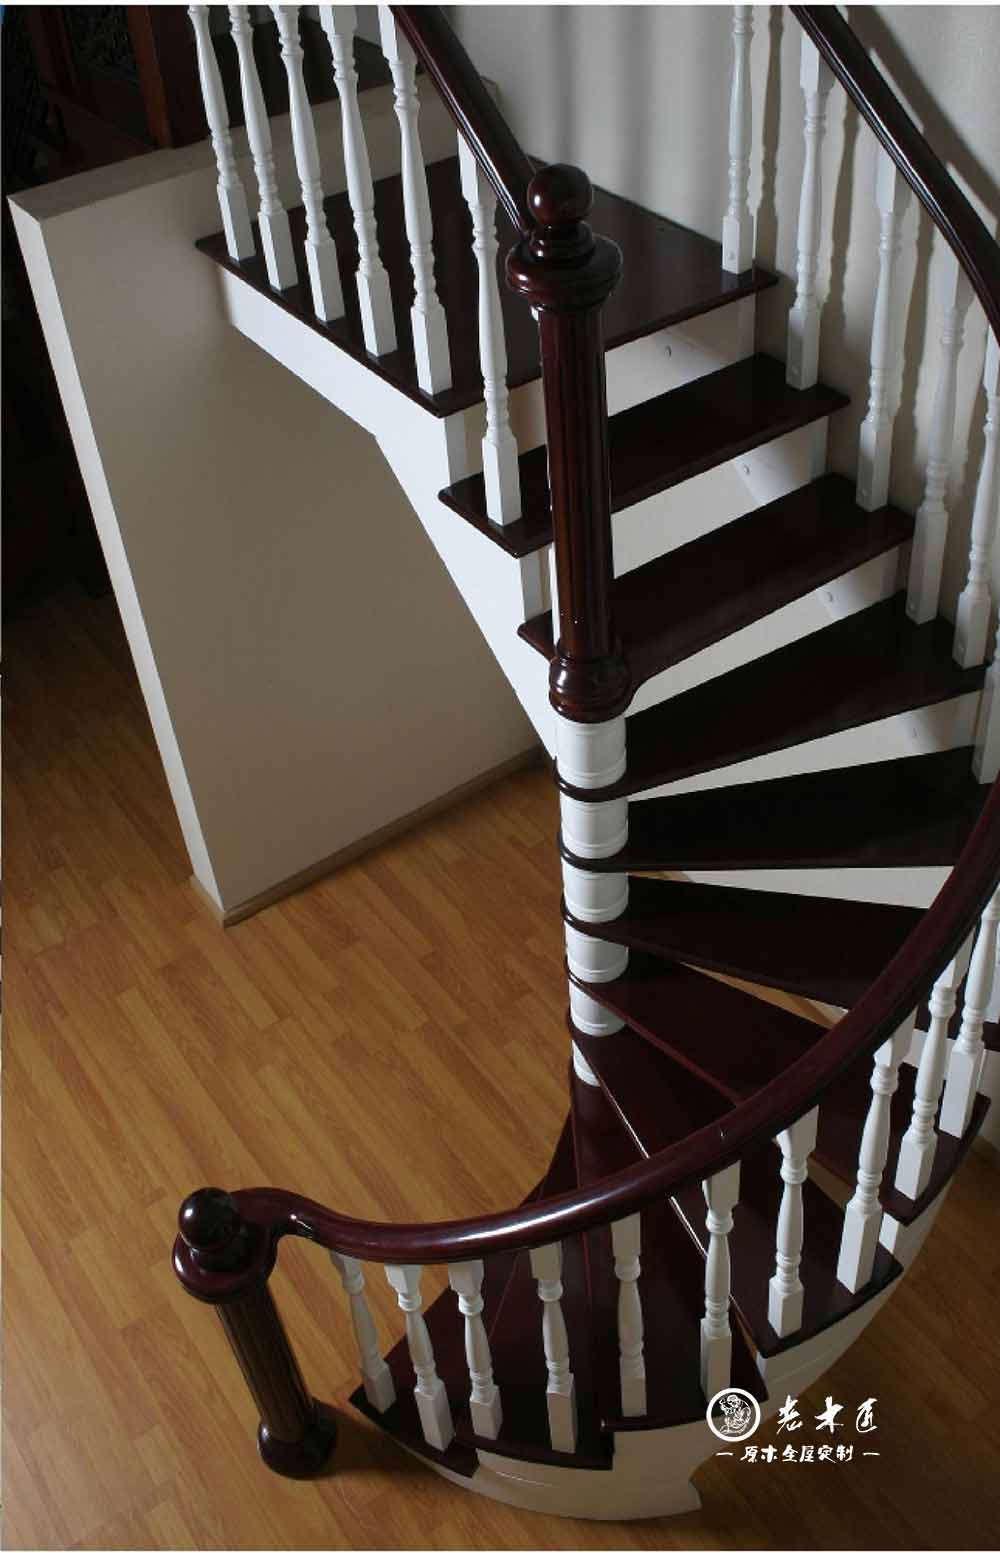 老木匠楼梯厂家 楼梯装修效果图